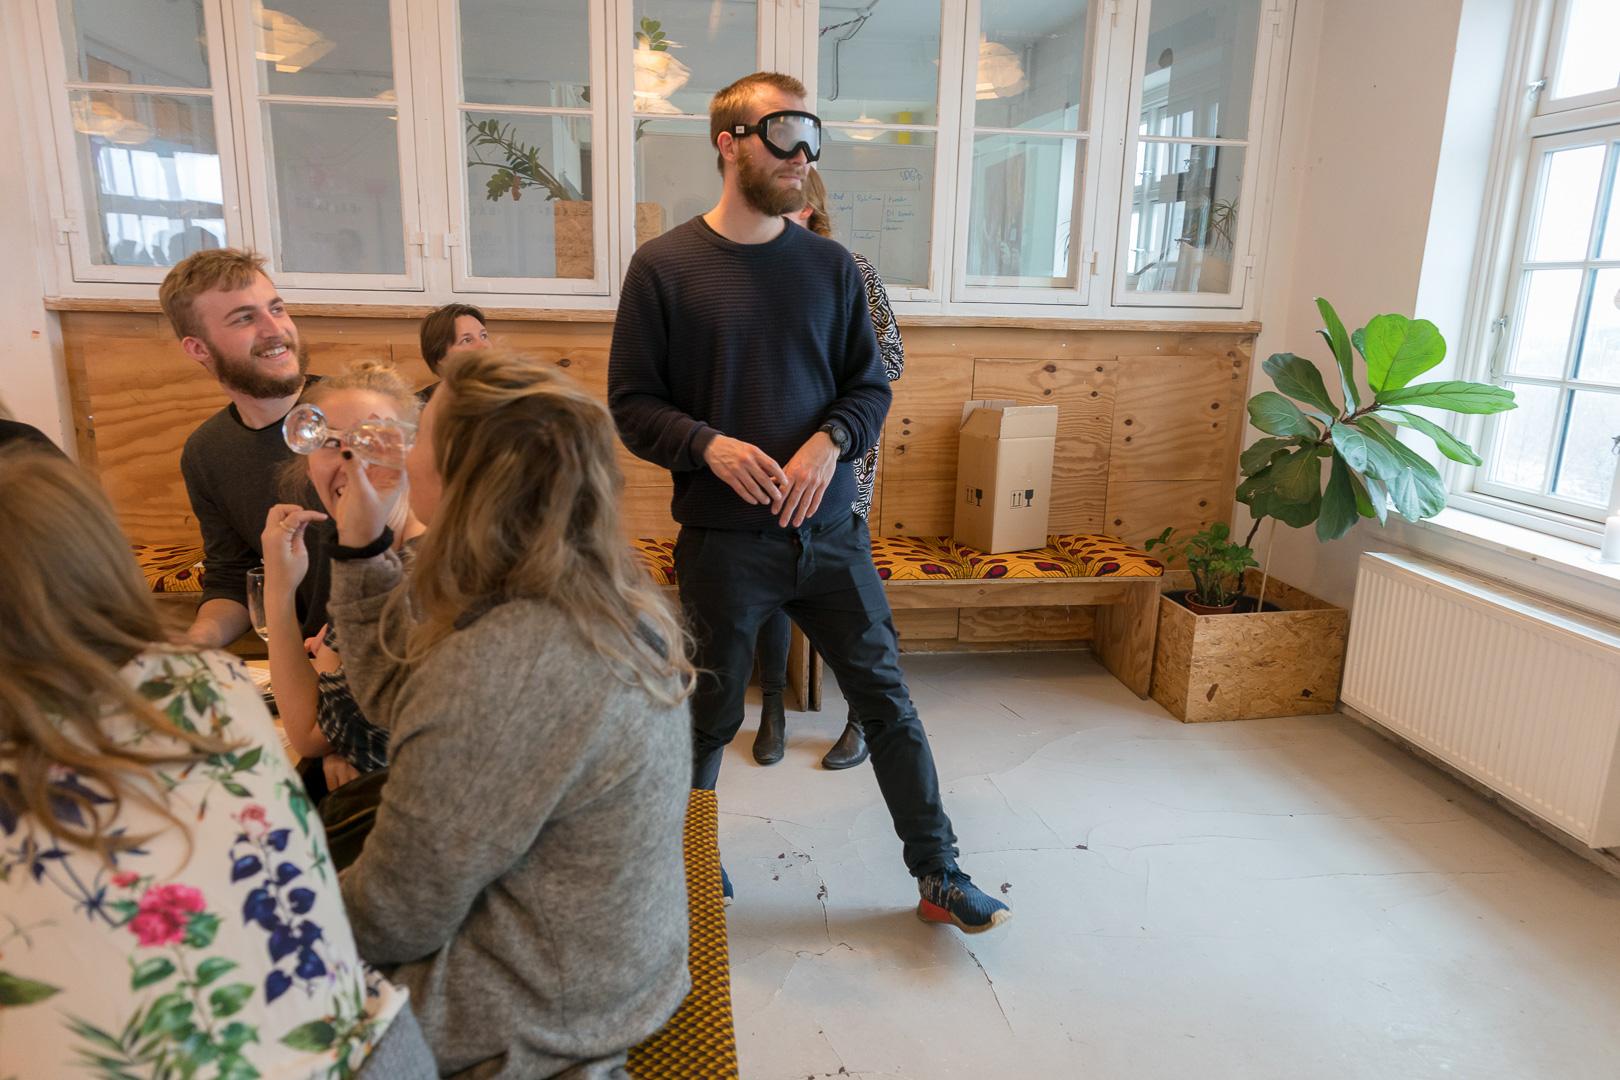 En af gæsterne har rejst sig op med simulationsbriller på iforbindelse med gennemspilning af Læringsspillet Indsigt